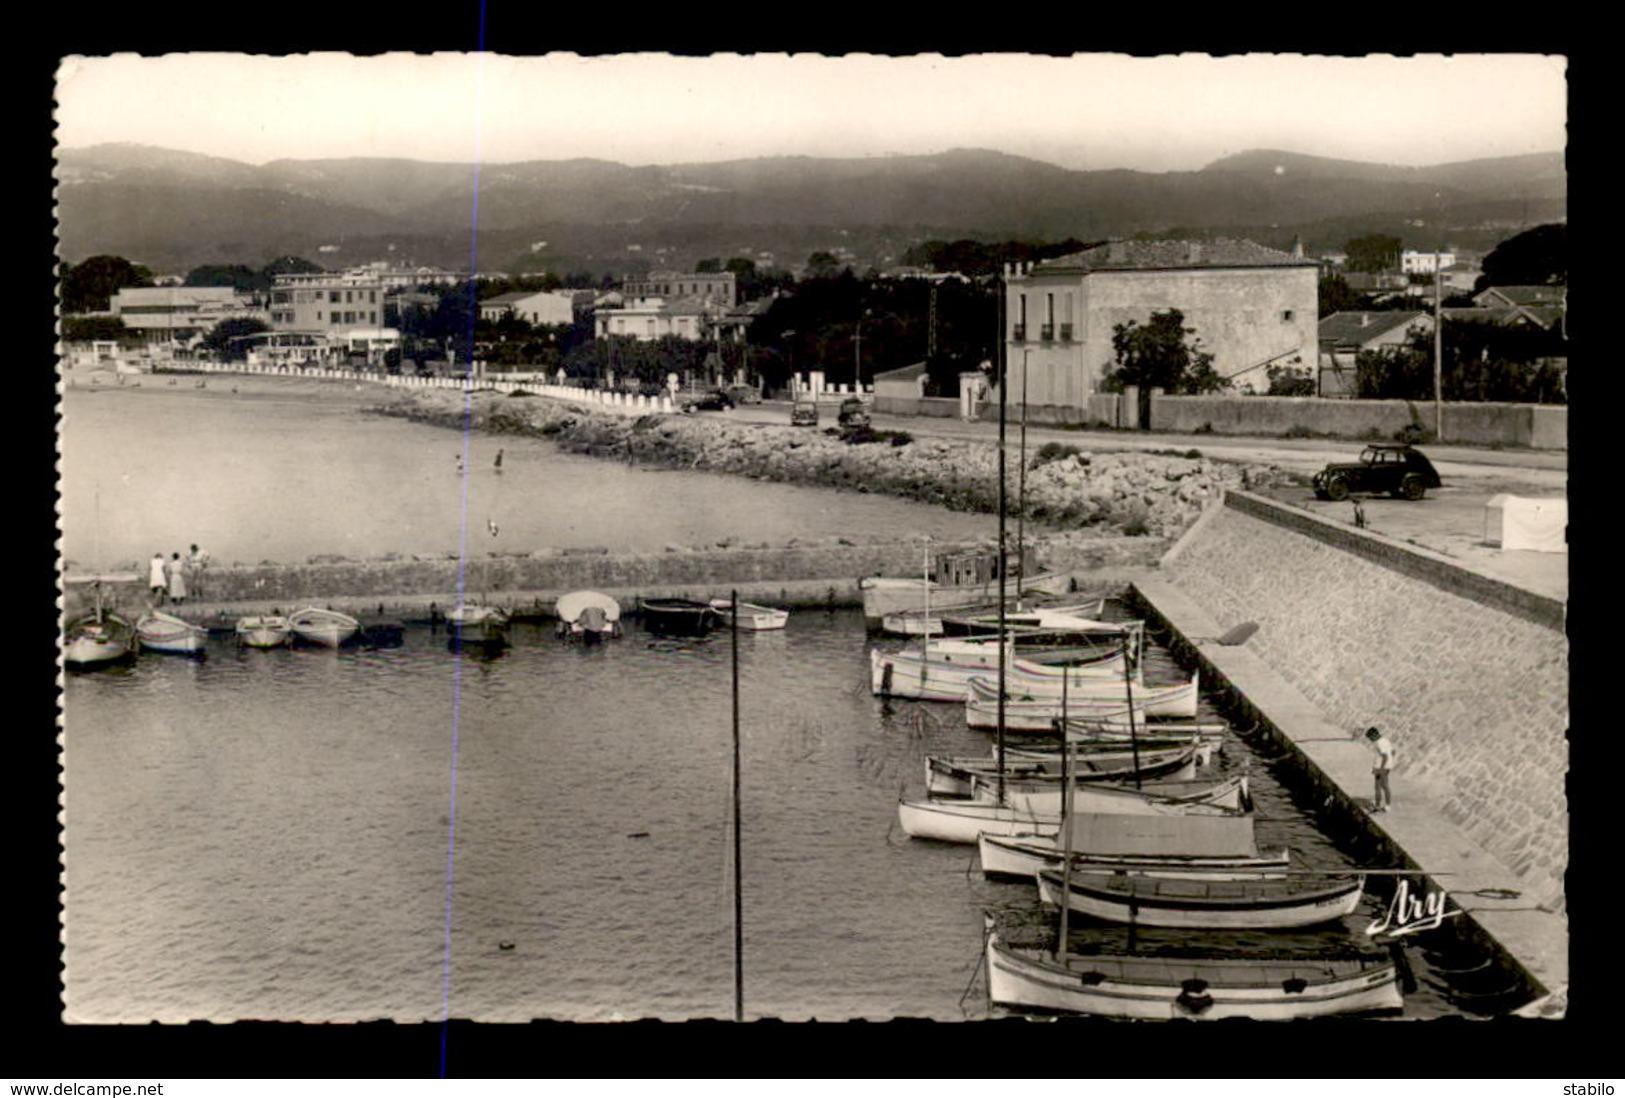 Les années de Simone Veil à La Ciotat, bientôt au cinéma.